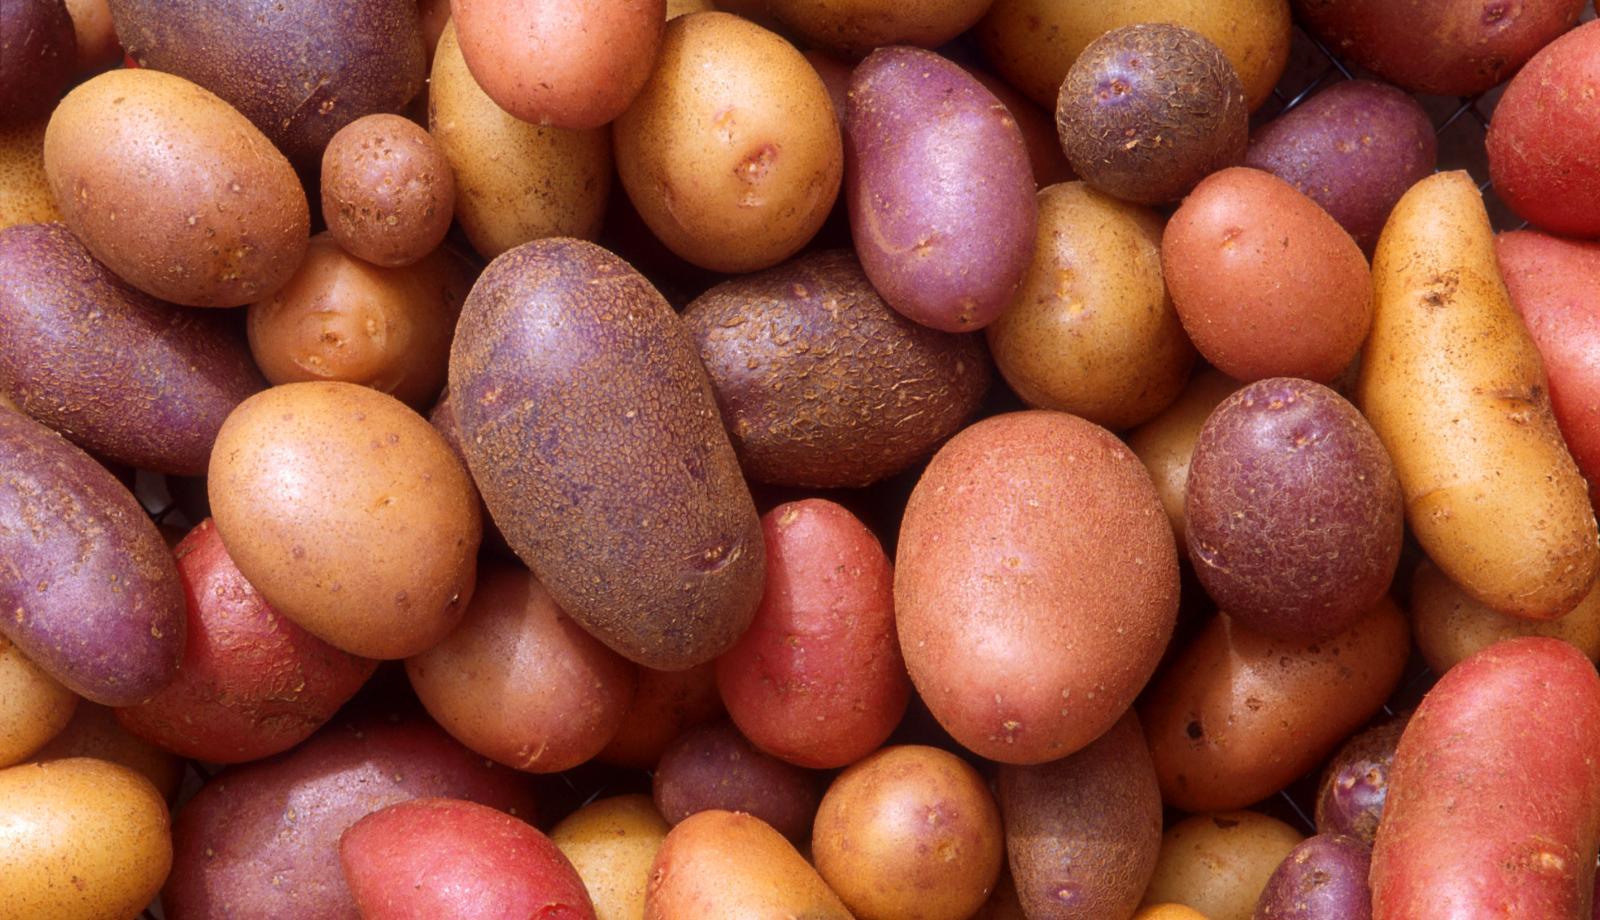 Potato pest found